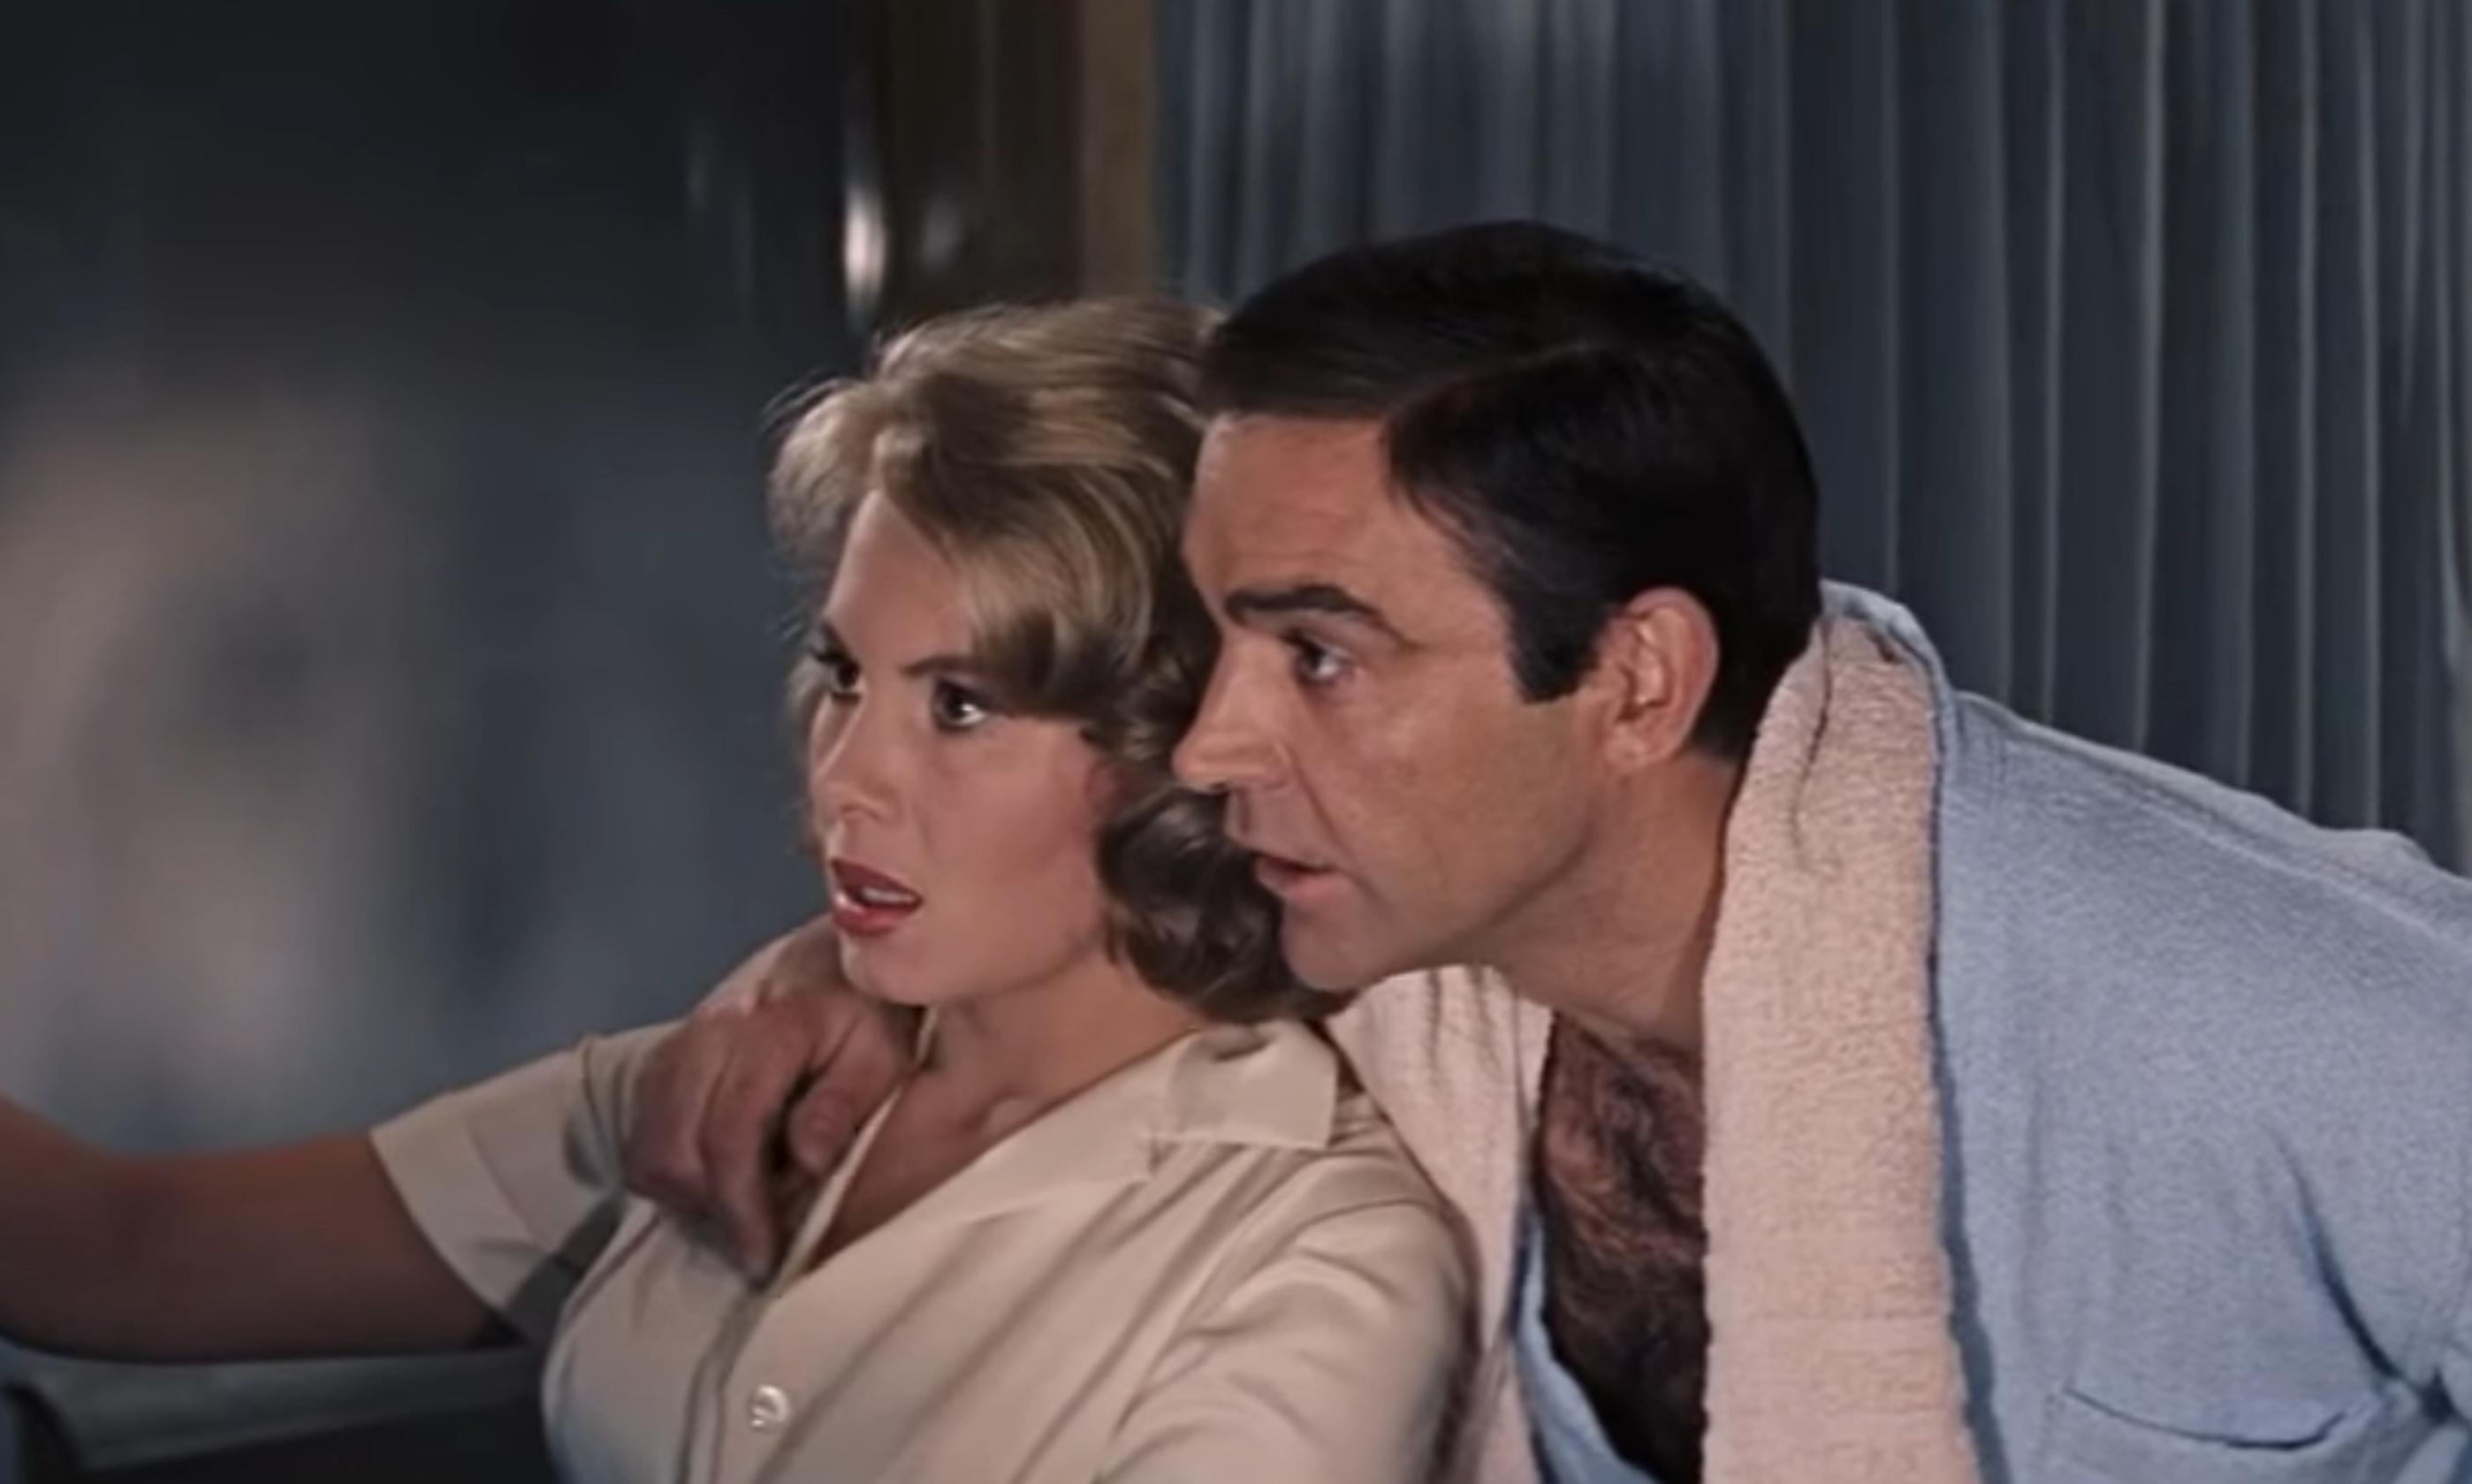 """Personajul James Bond jucat de Sean Connery era """"un violator"""", spune noul regizor al seriei 007"""